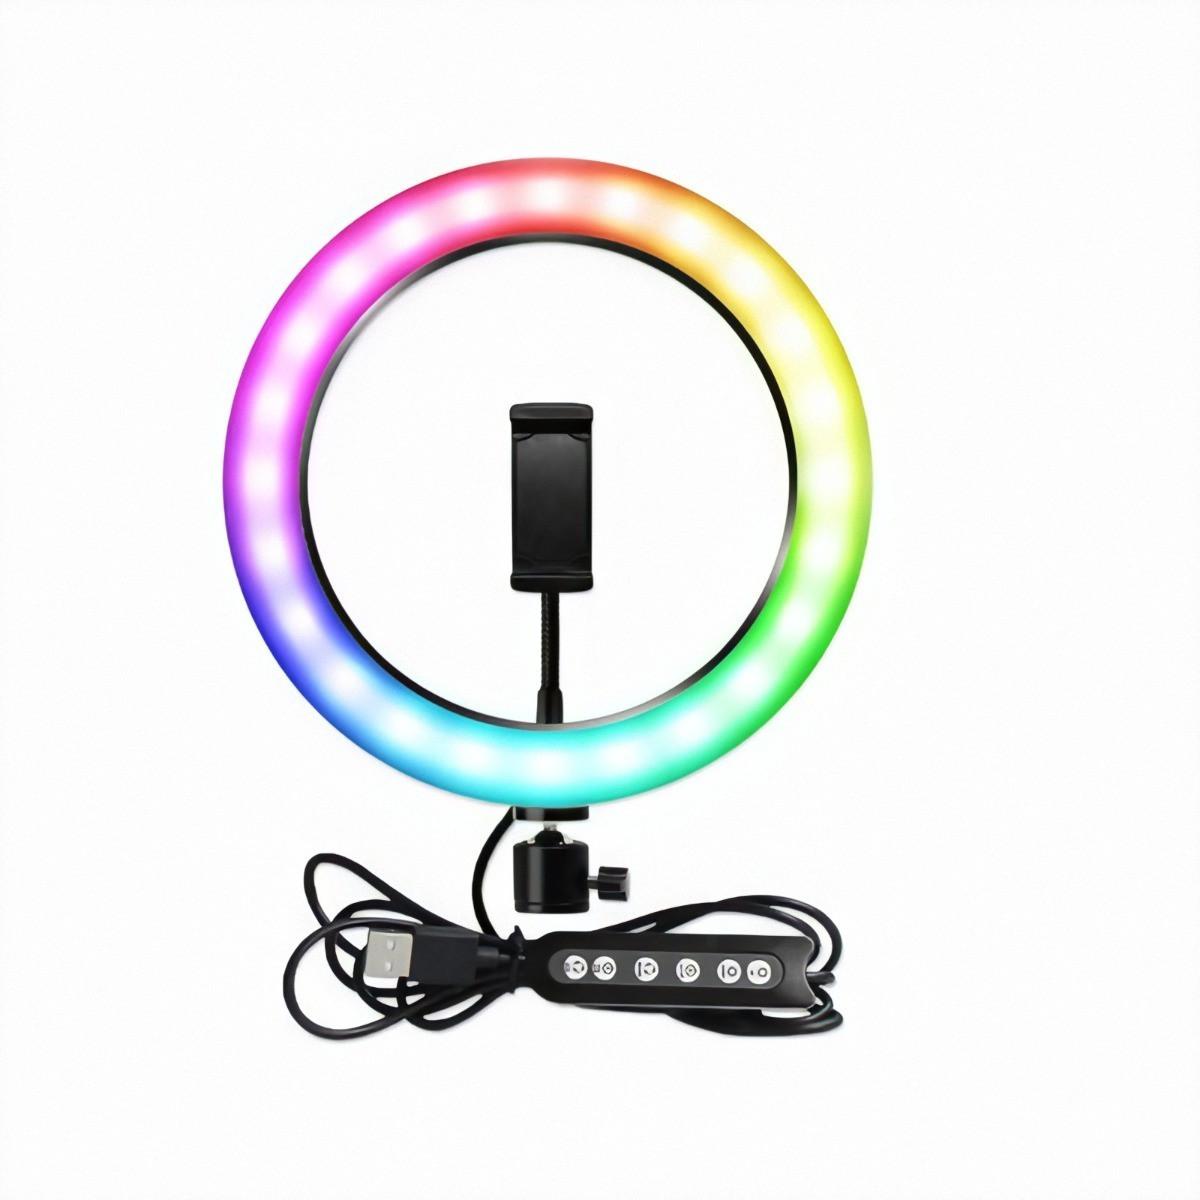 Кольцевая светодиодная LED лампа 26 см 3 белых света + 6 разноцветных